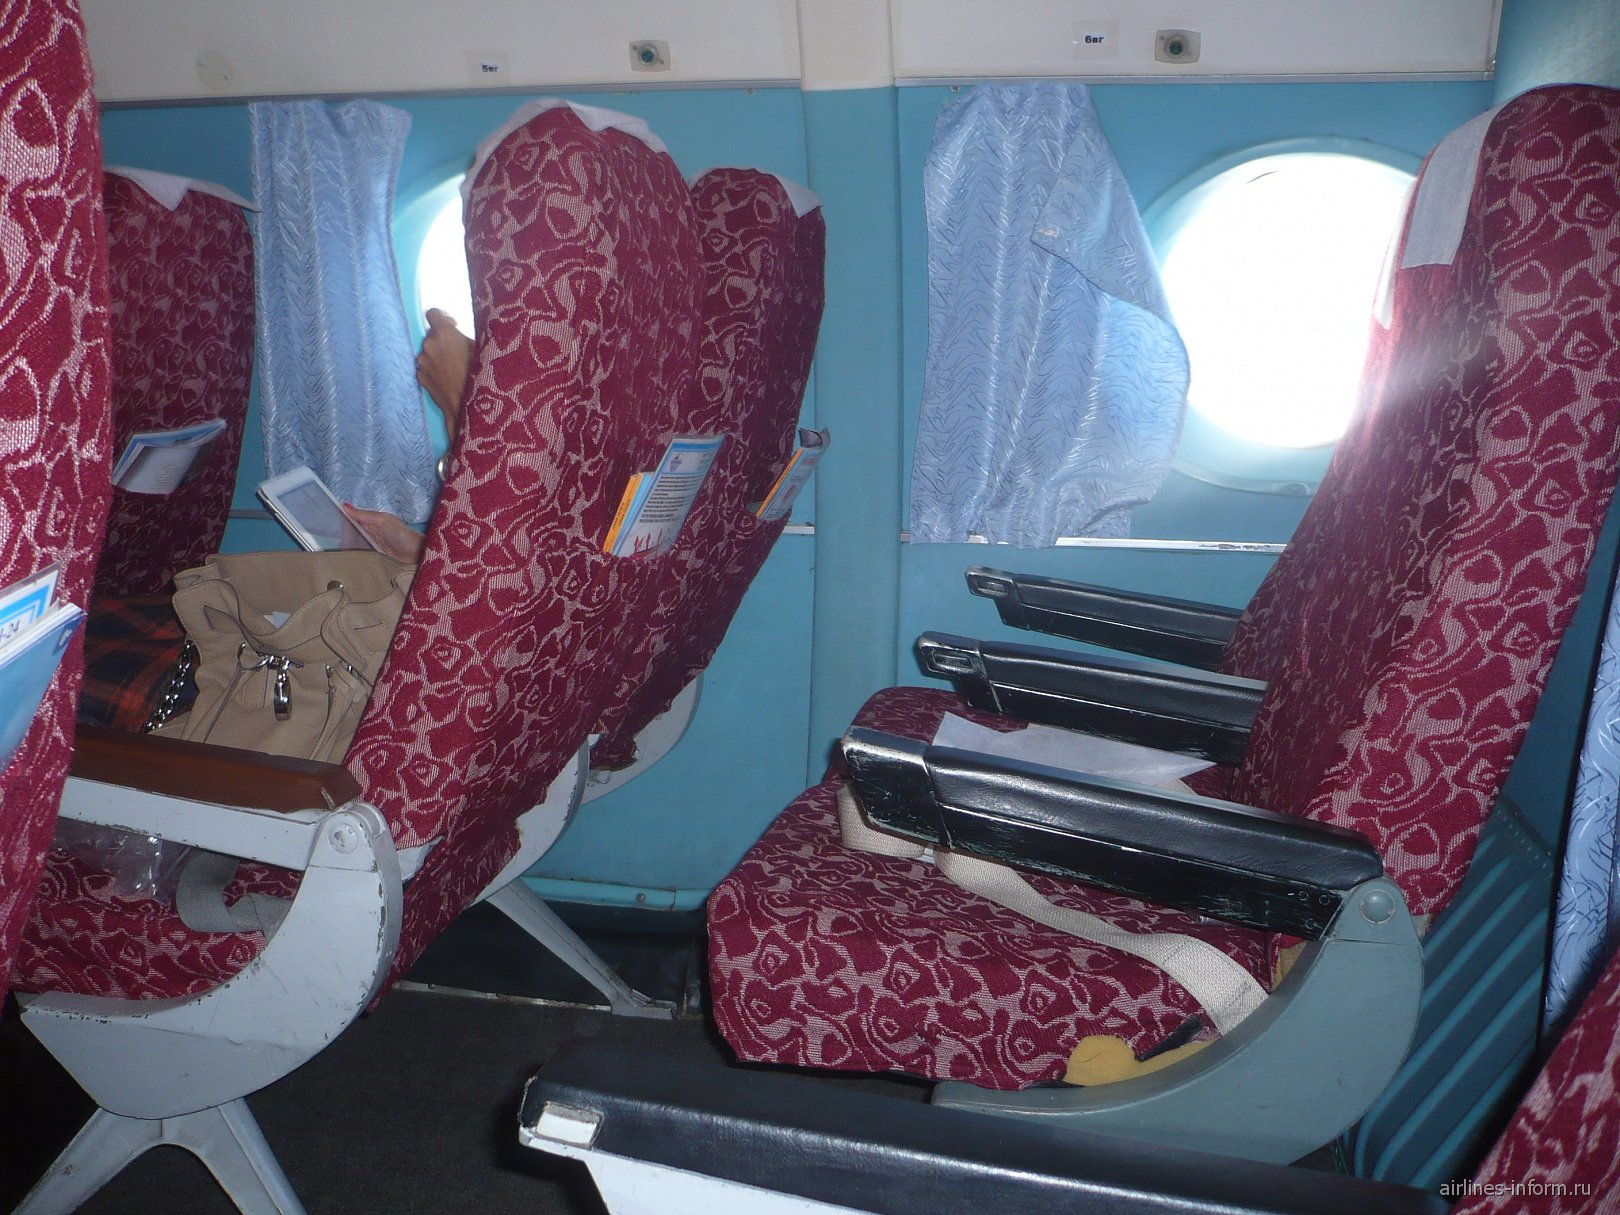 Пассажирские кресла в самолете Ан-24 авиакомпании Псковавиа